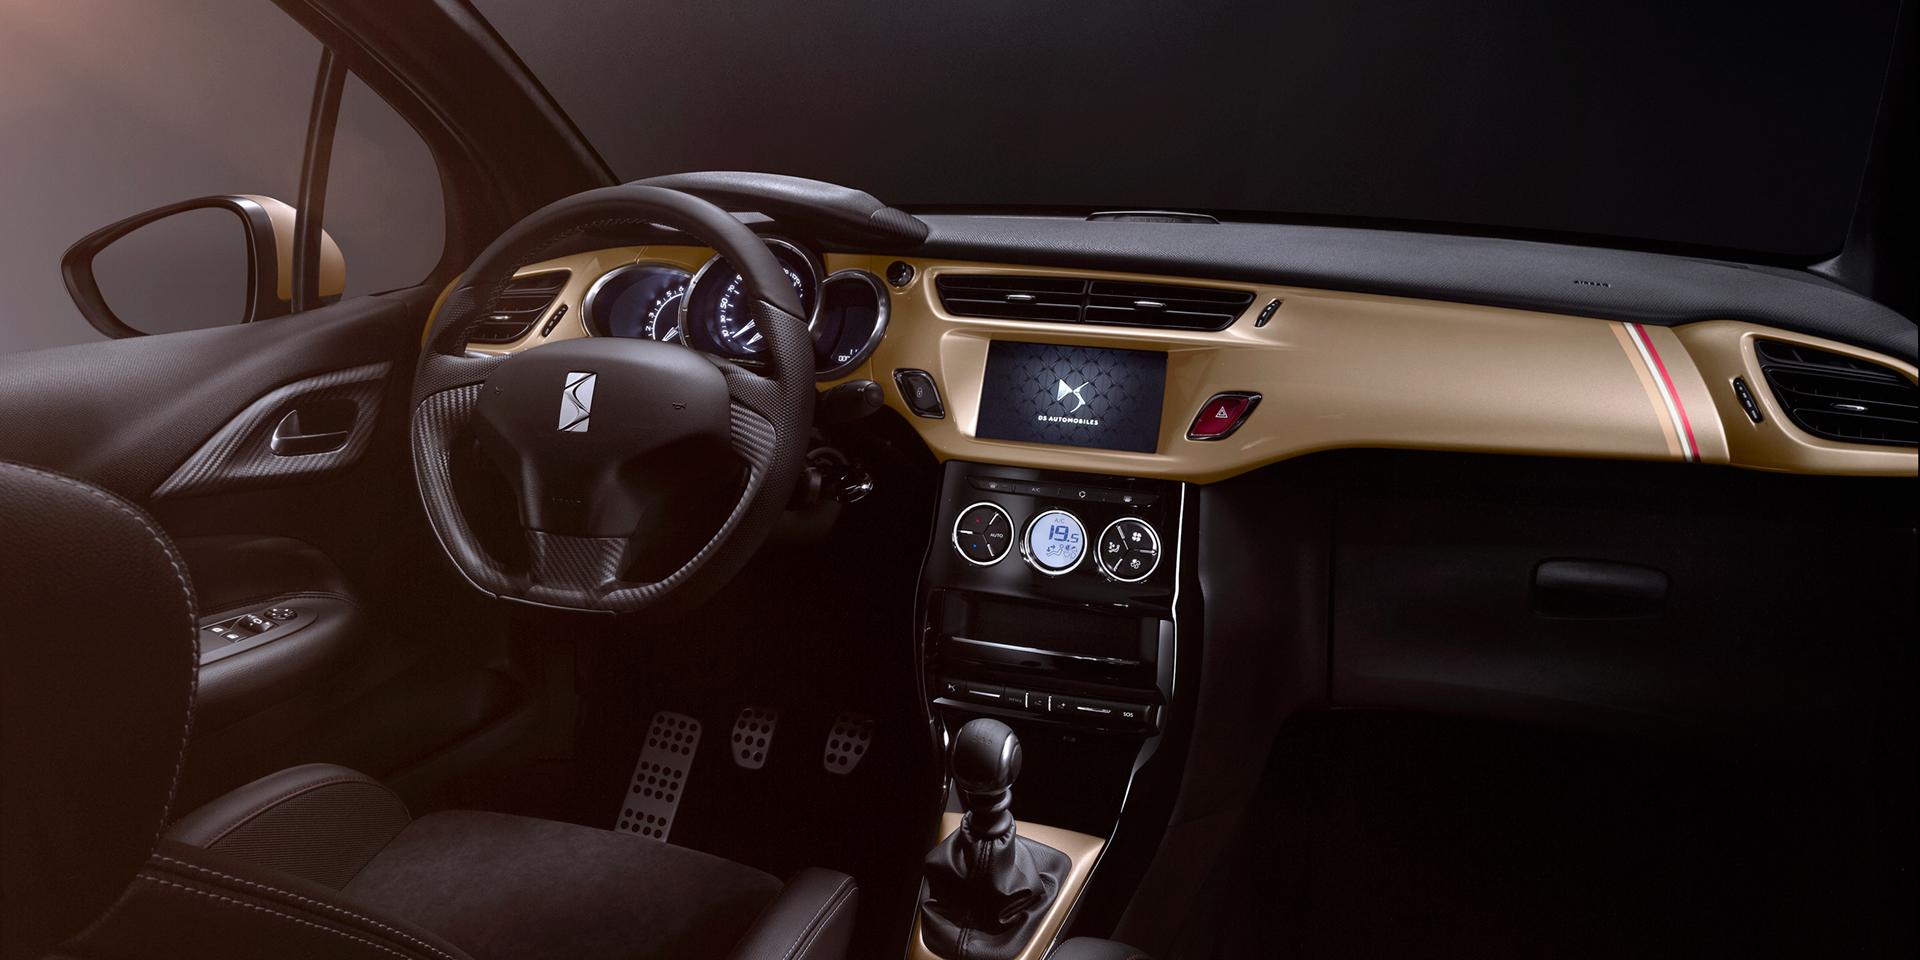 DS Automobiles - 2016 - DS 3 Performance - intérieur / interior